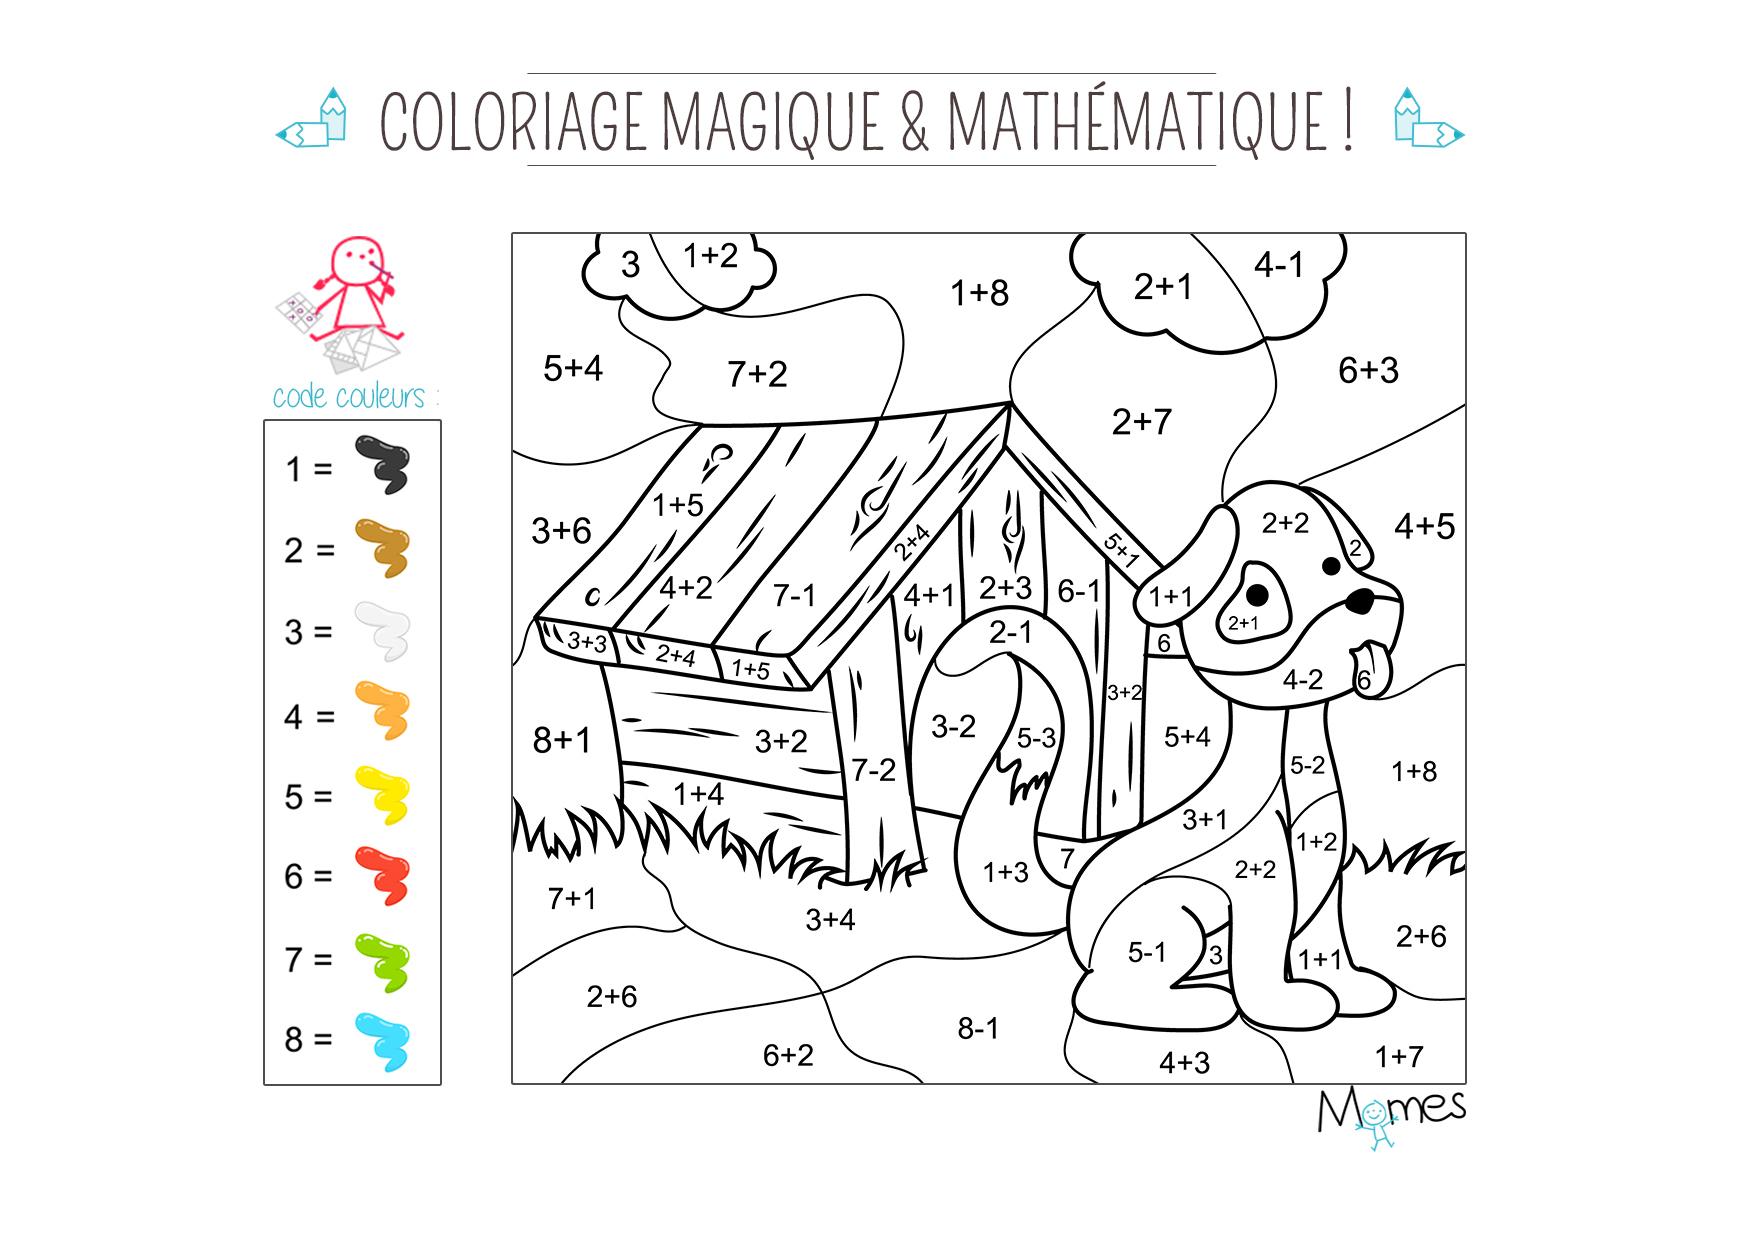 Coloriage Magique Et Mathématique : Le Chien - Momes à Coloriage Magique Pour Enfant